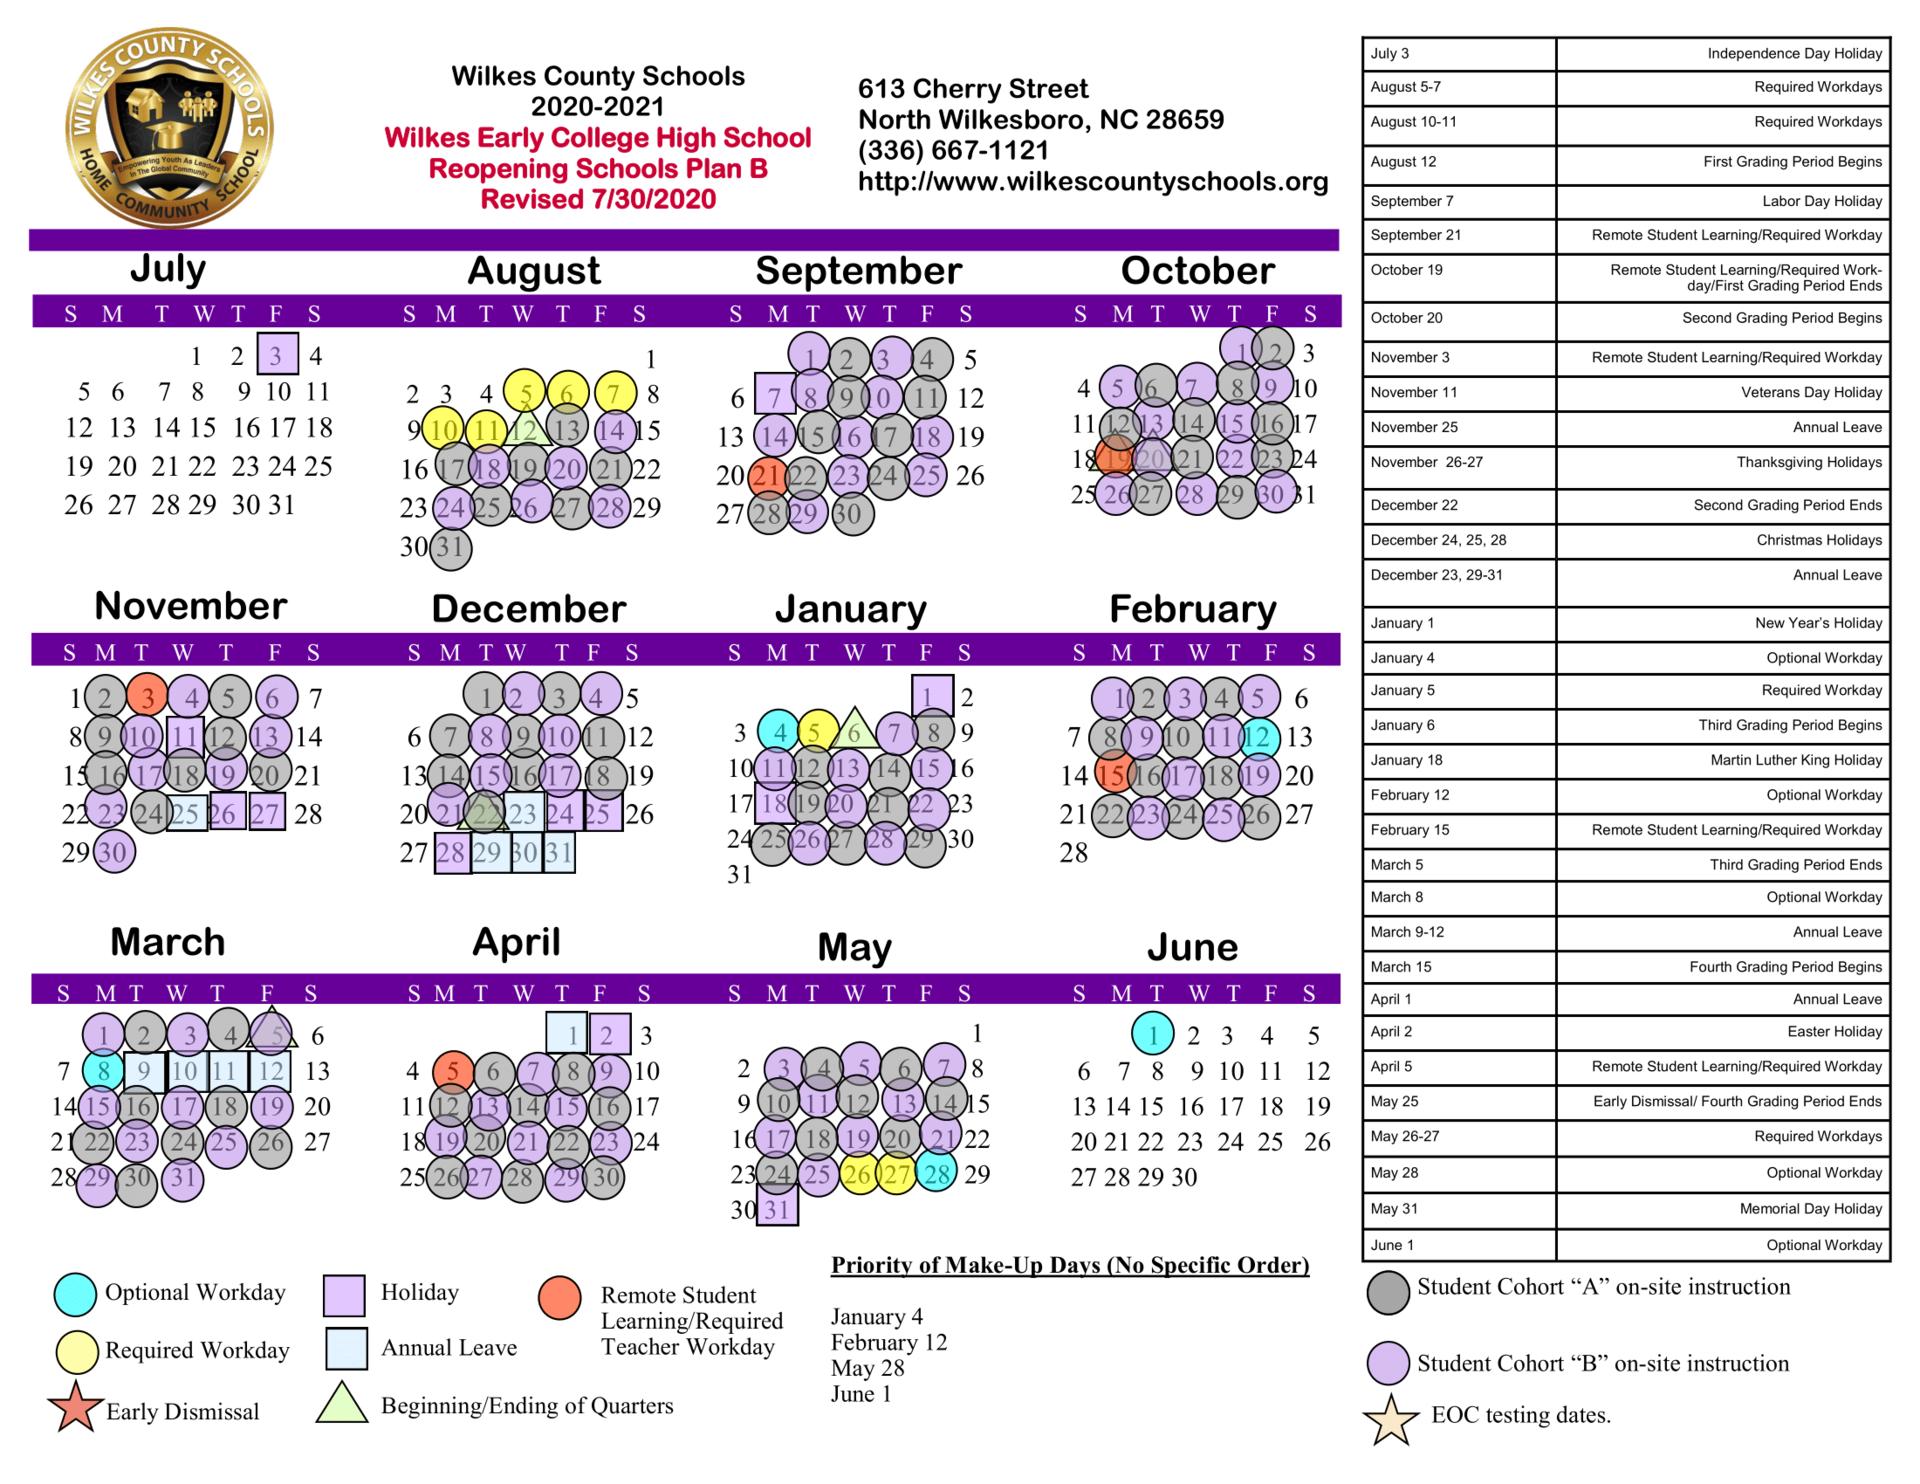 Wcs Calendar 2021 2022 | Printable March Regarding 2021 2022 Aiken County Public School Calendar